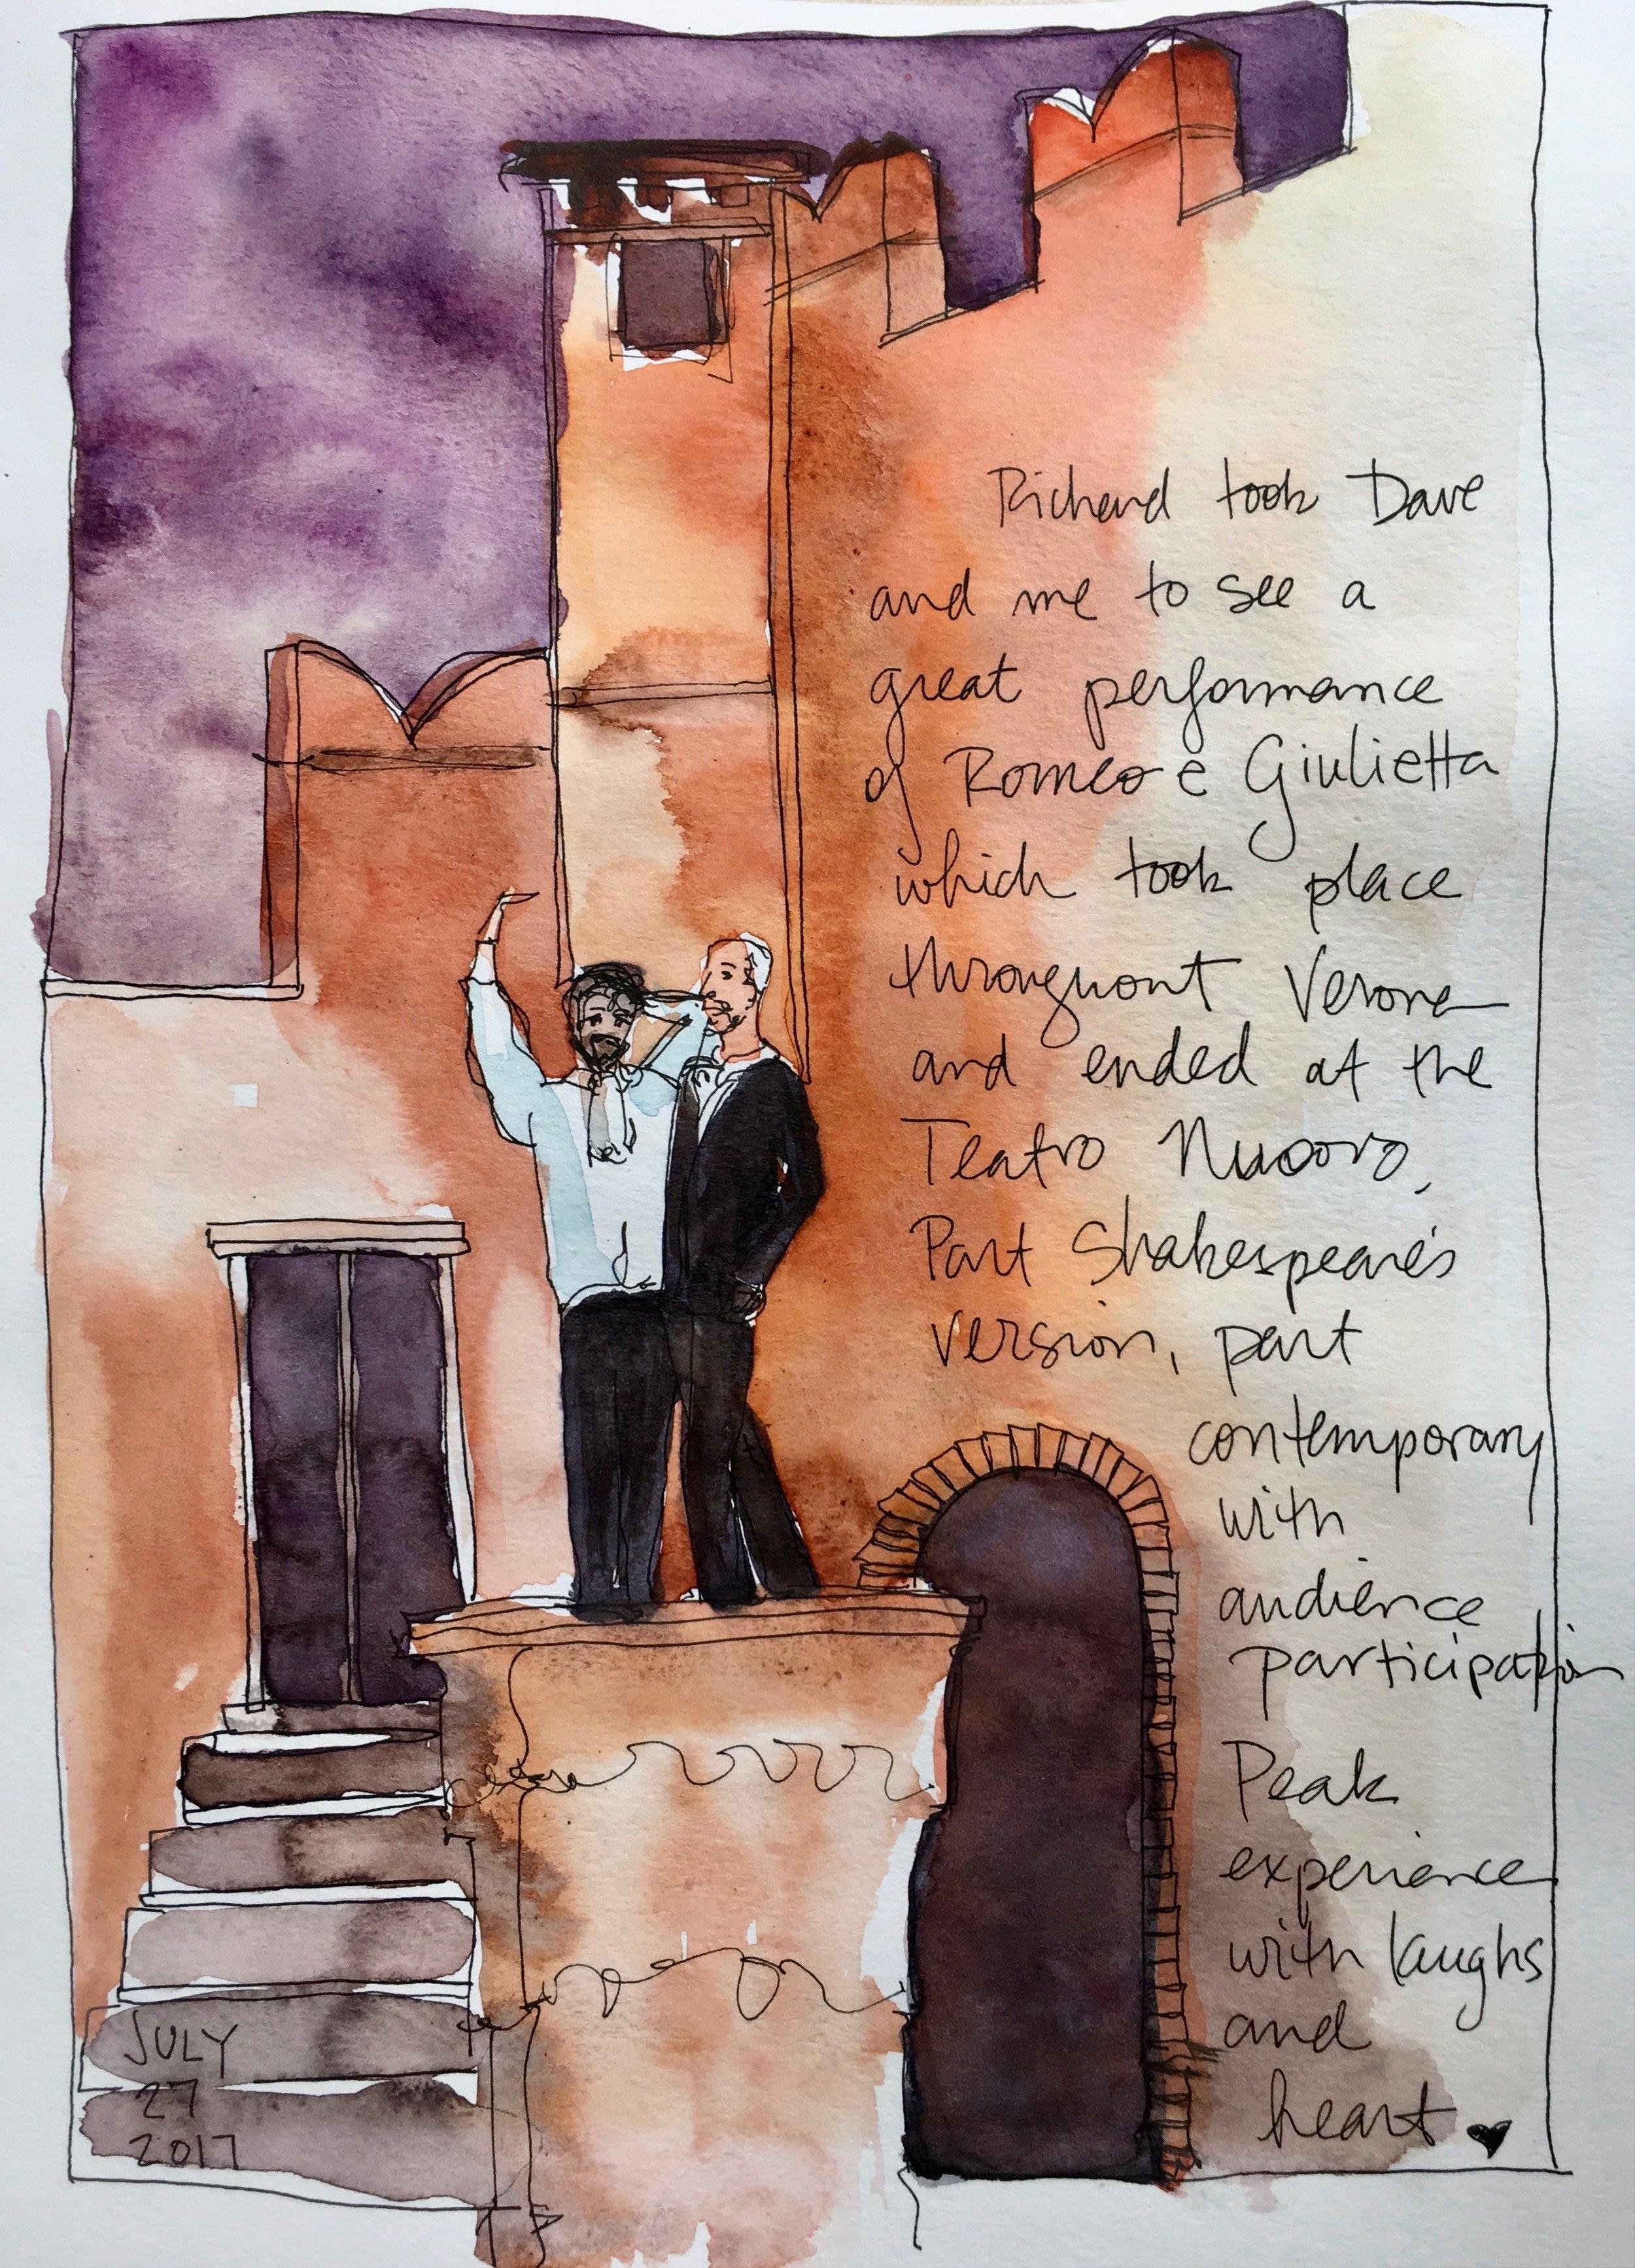 Live performance of Romeo e Giulietta in Verona. Fantastic!